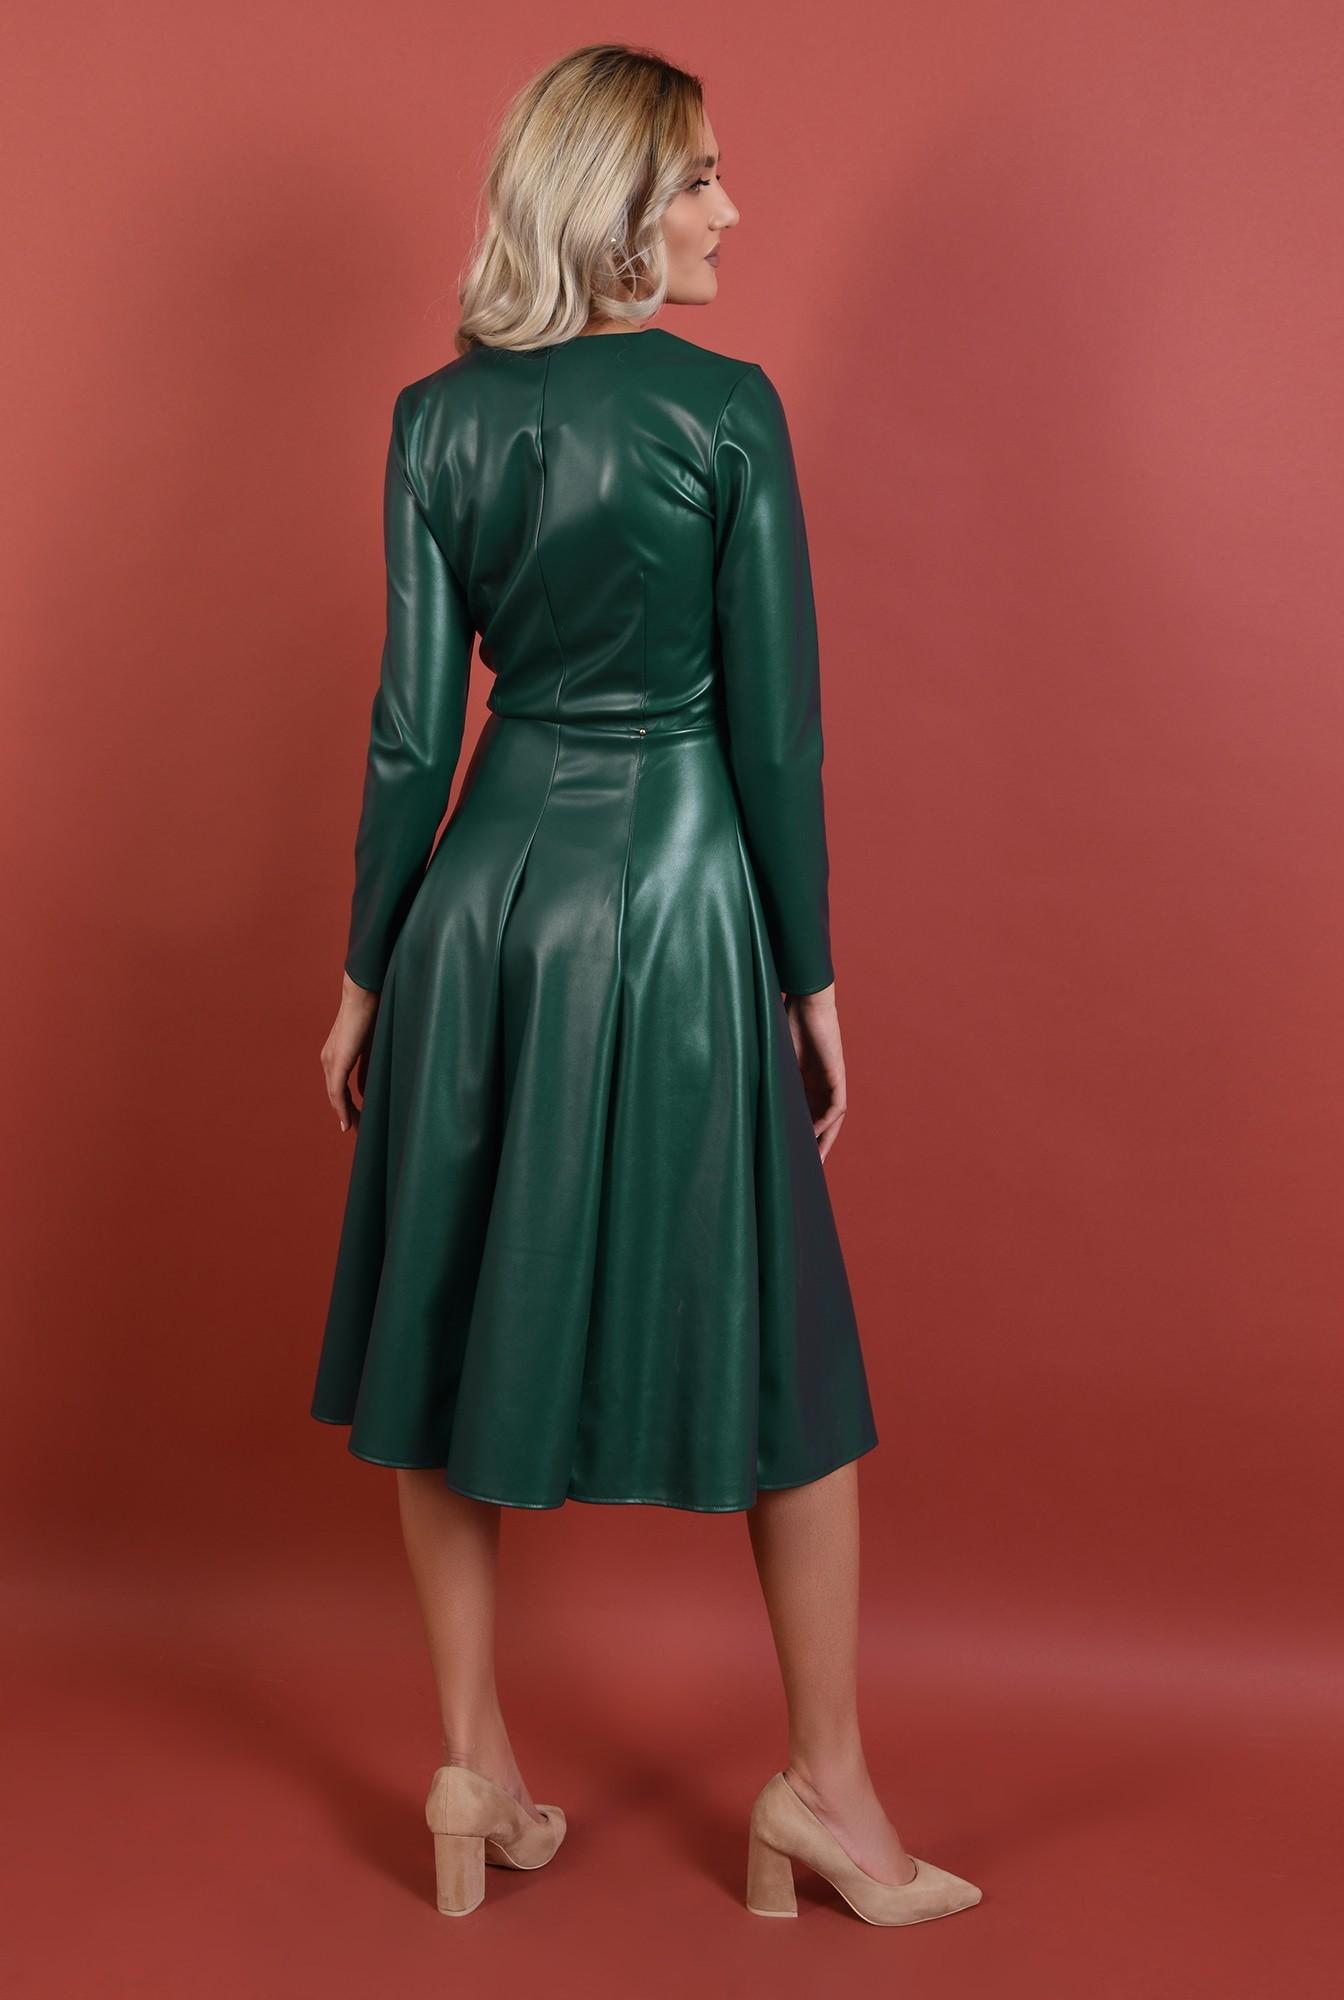 1 - rochie verde, piele, nasturi auii, decolteu anchior